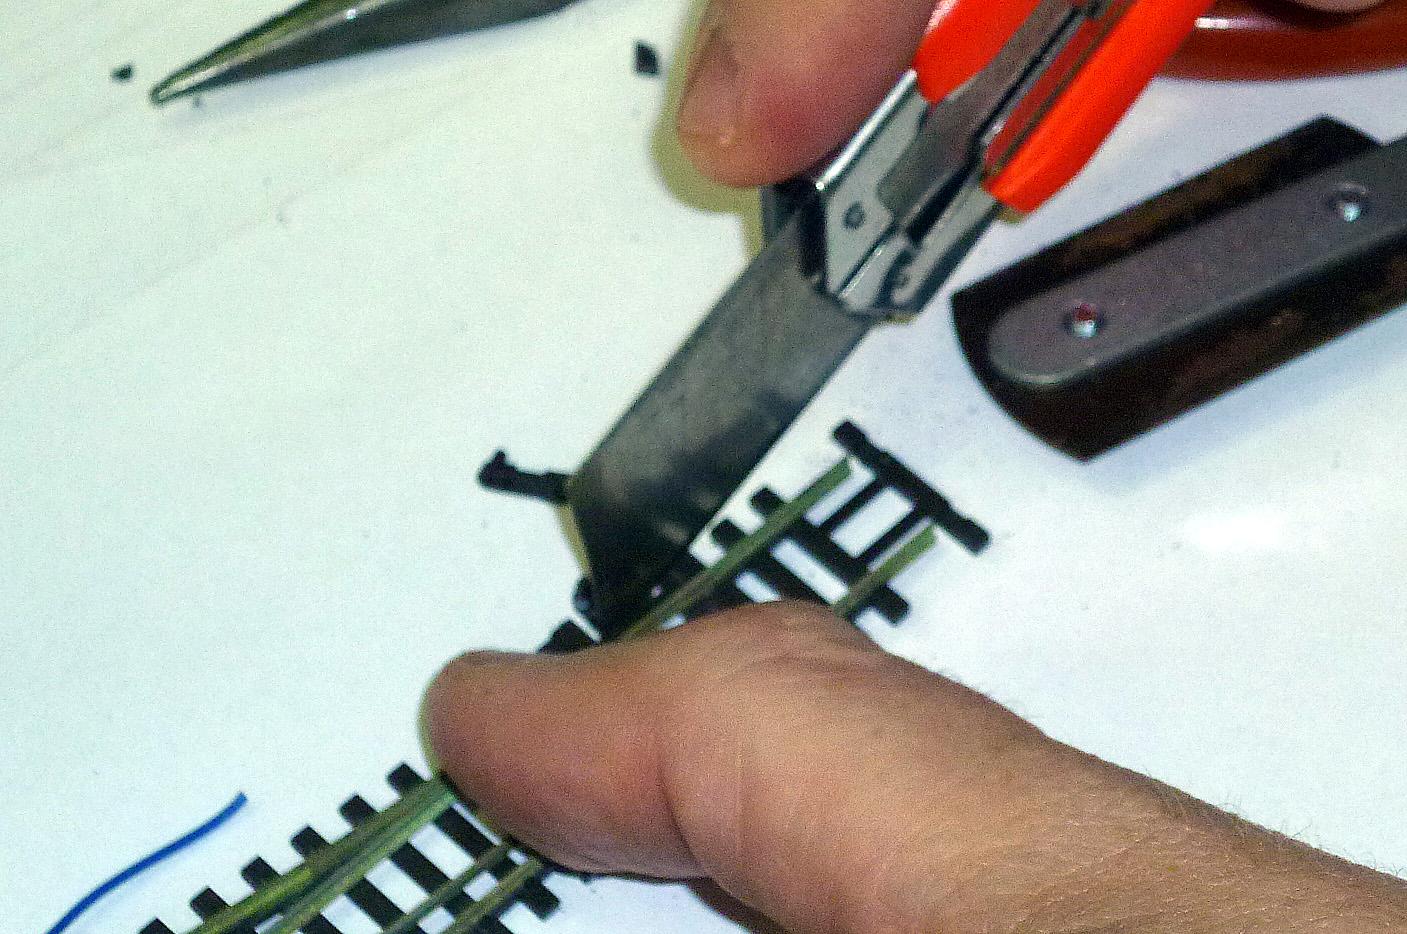 ... a taky se může použít ostří odlamovacího nože...